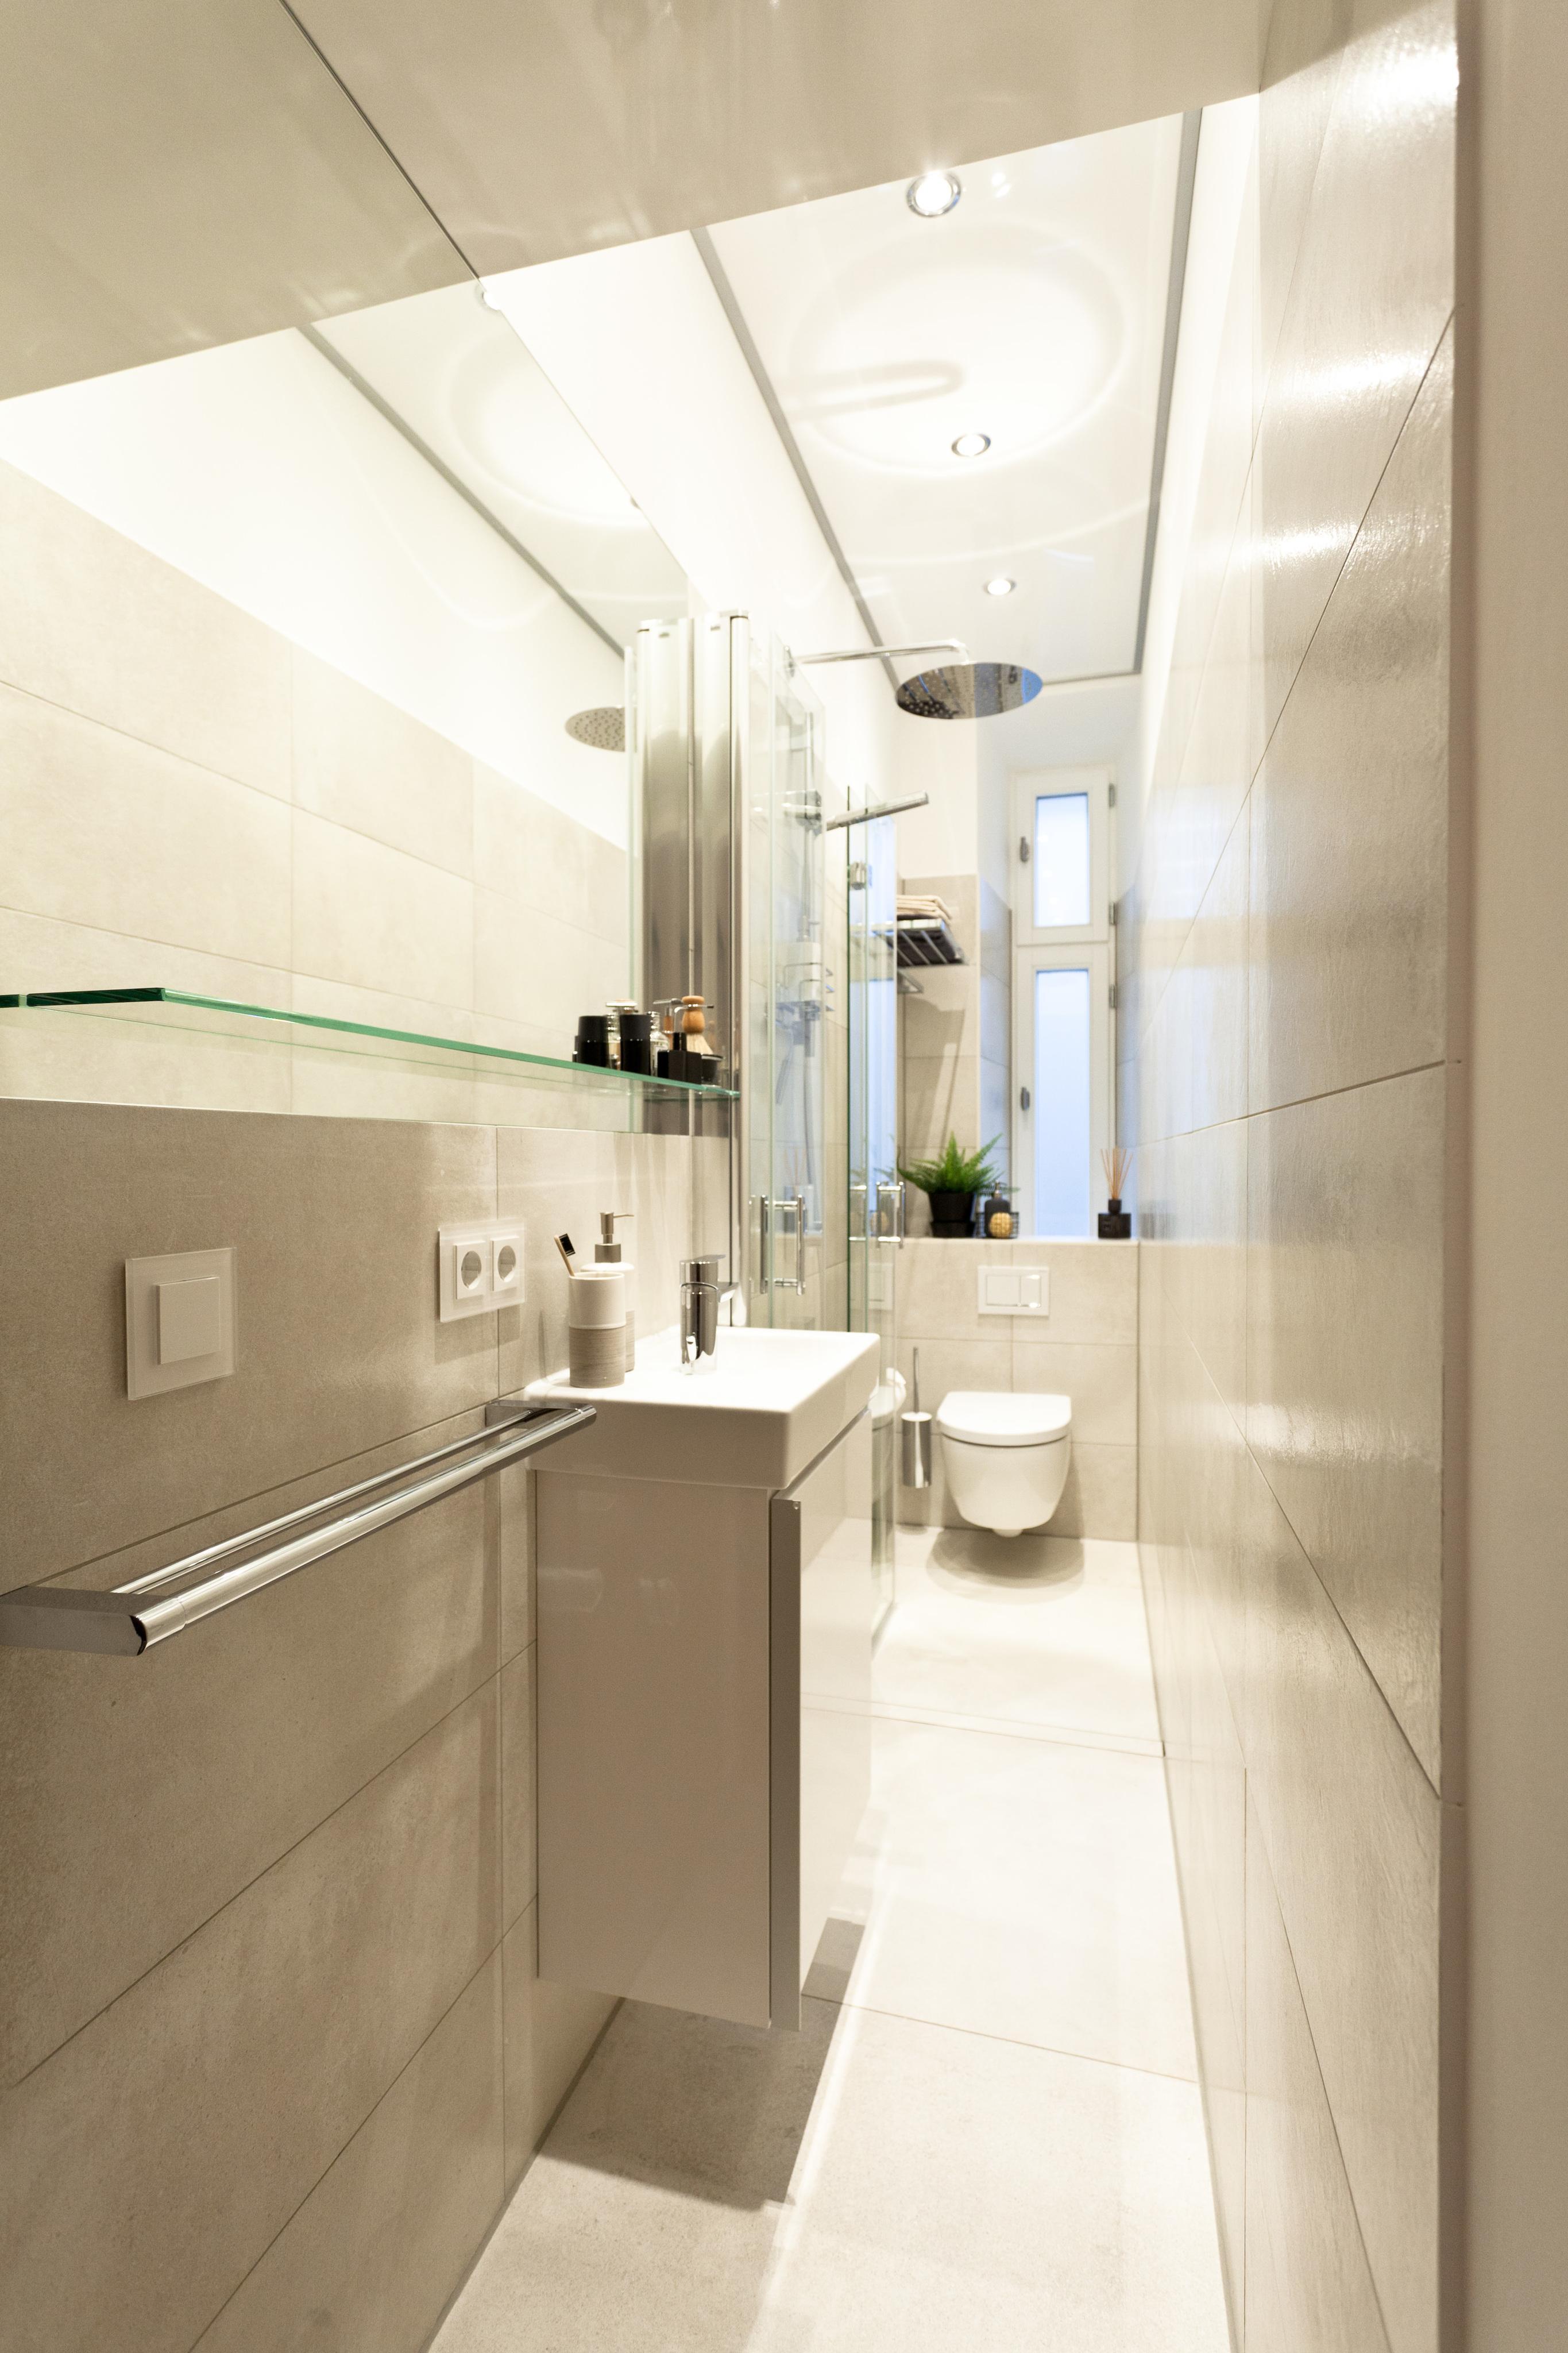 badrenovierung kleines bad. cool badrenovierung kleines bad